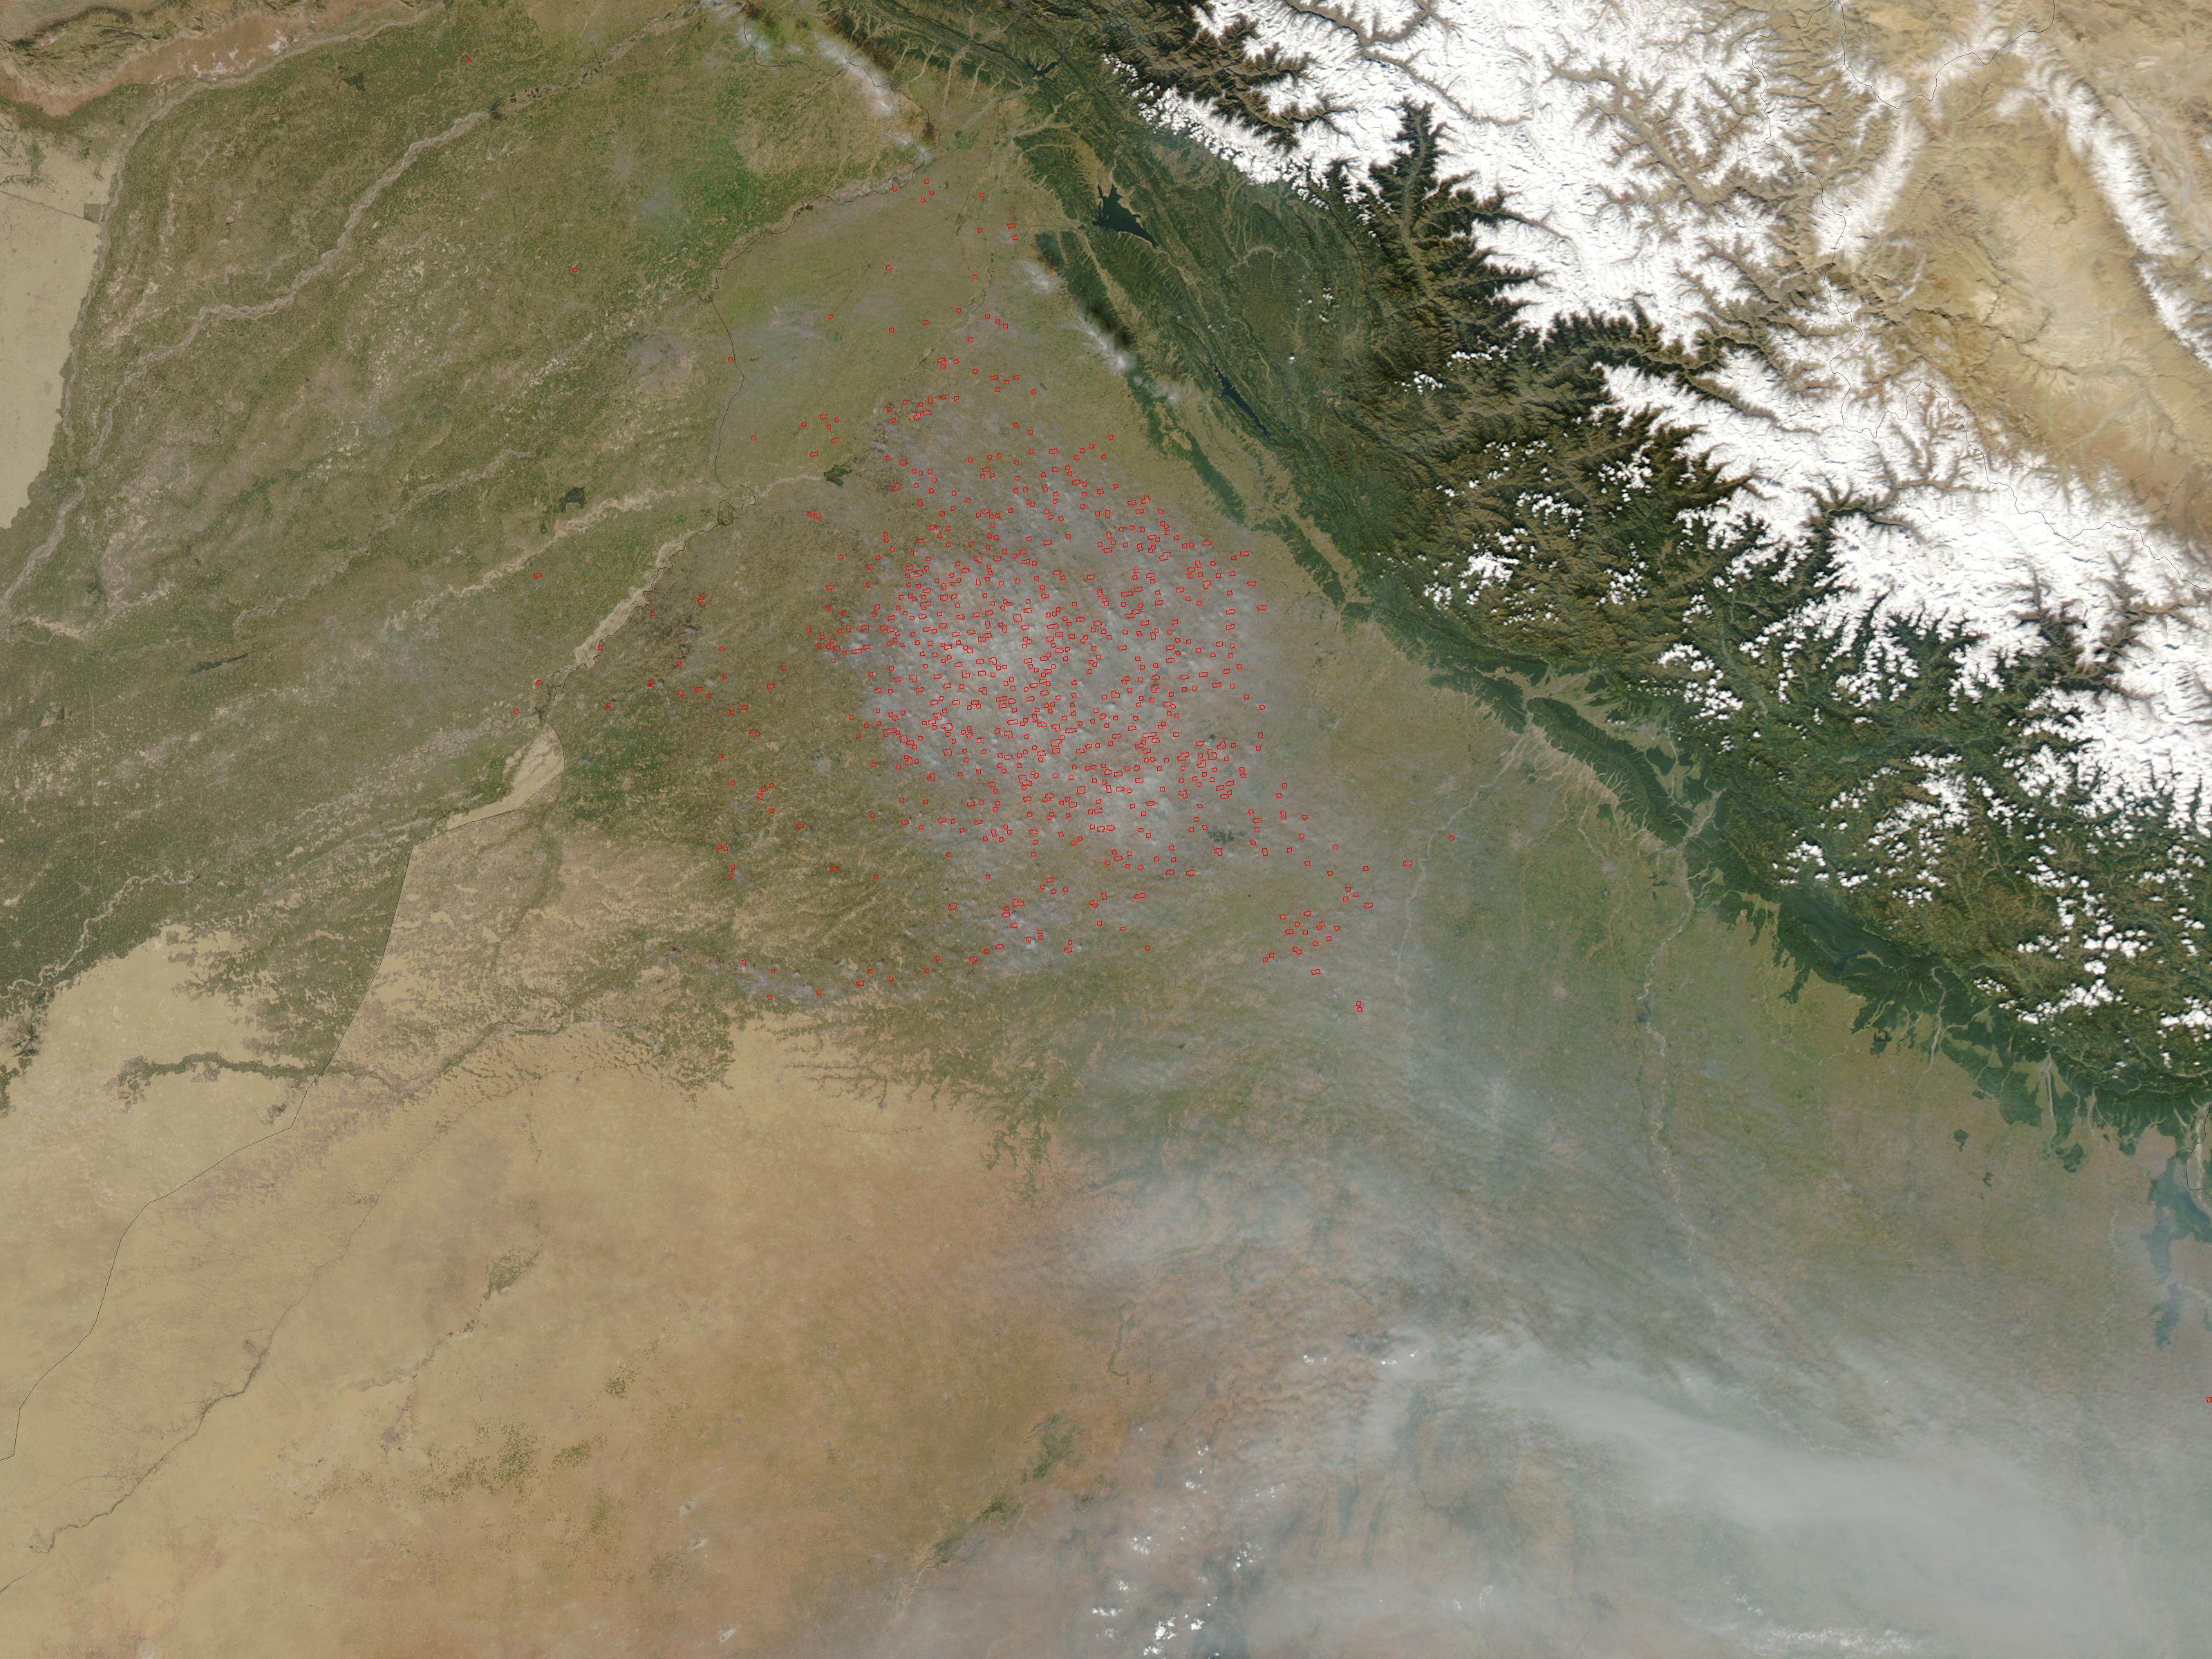 Intensos incendios de carácter agrícola y humo en el noroeste de India